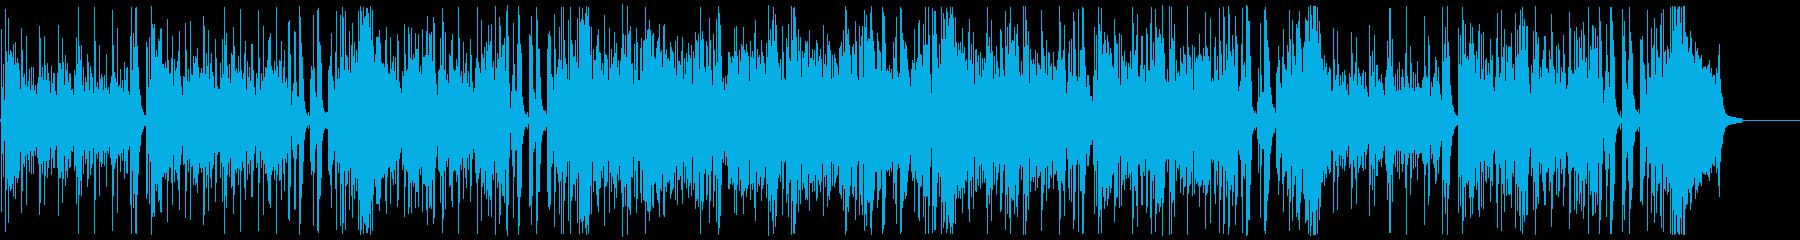 明るく楽しいロックンロール:ギター抜きの再生済みの波形